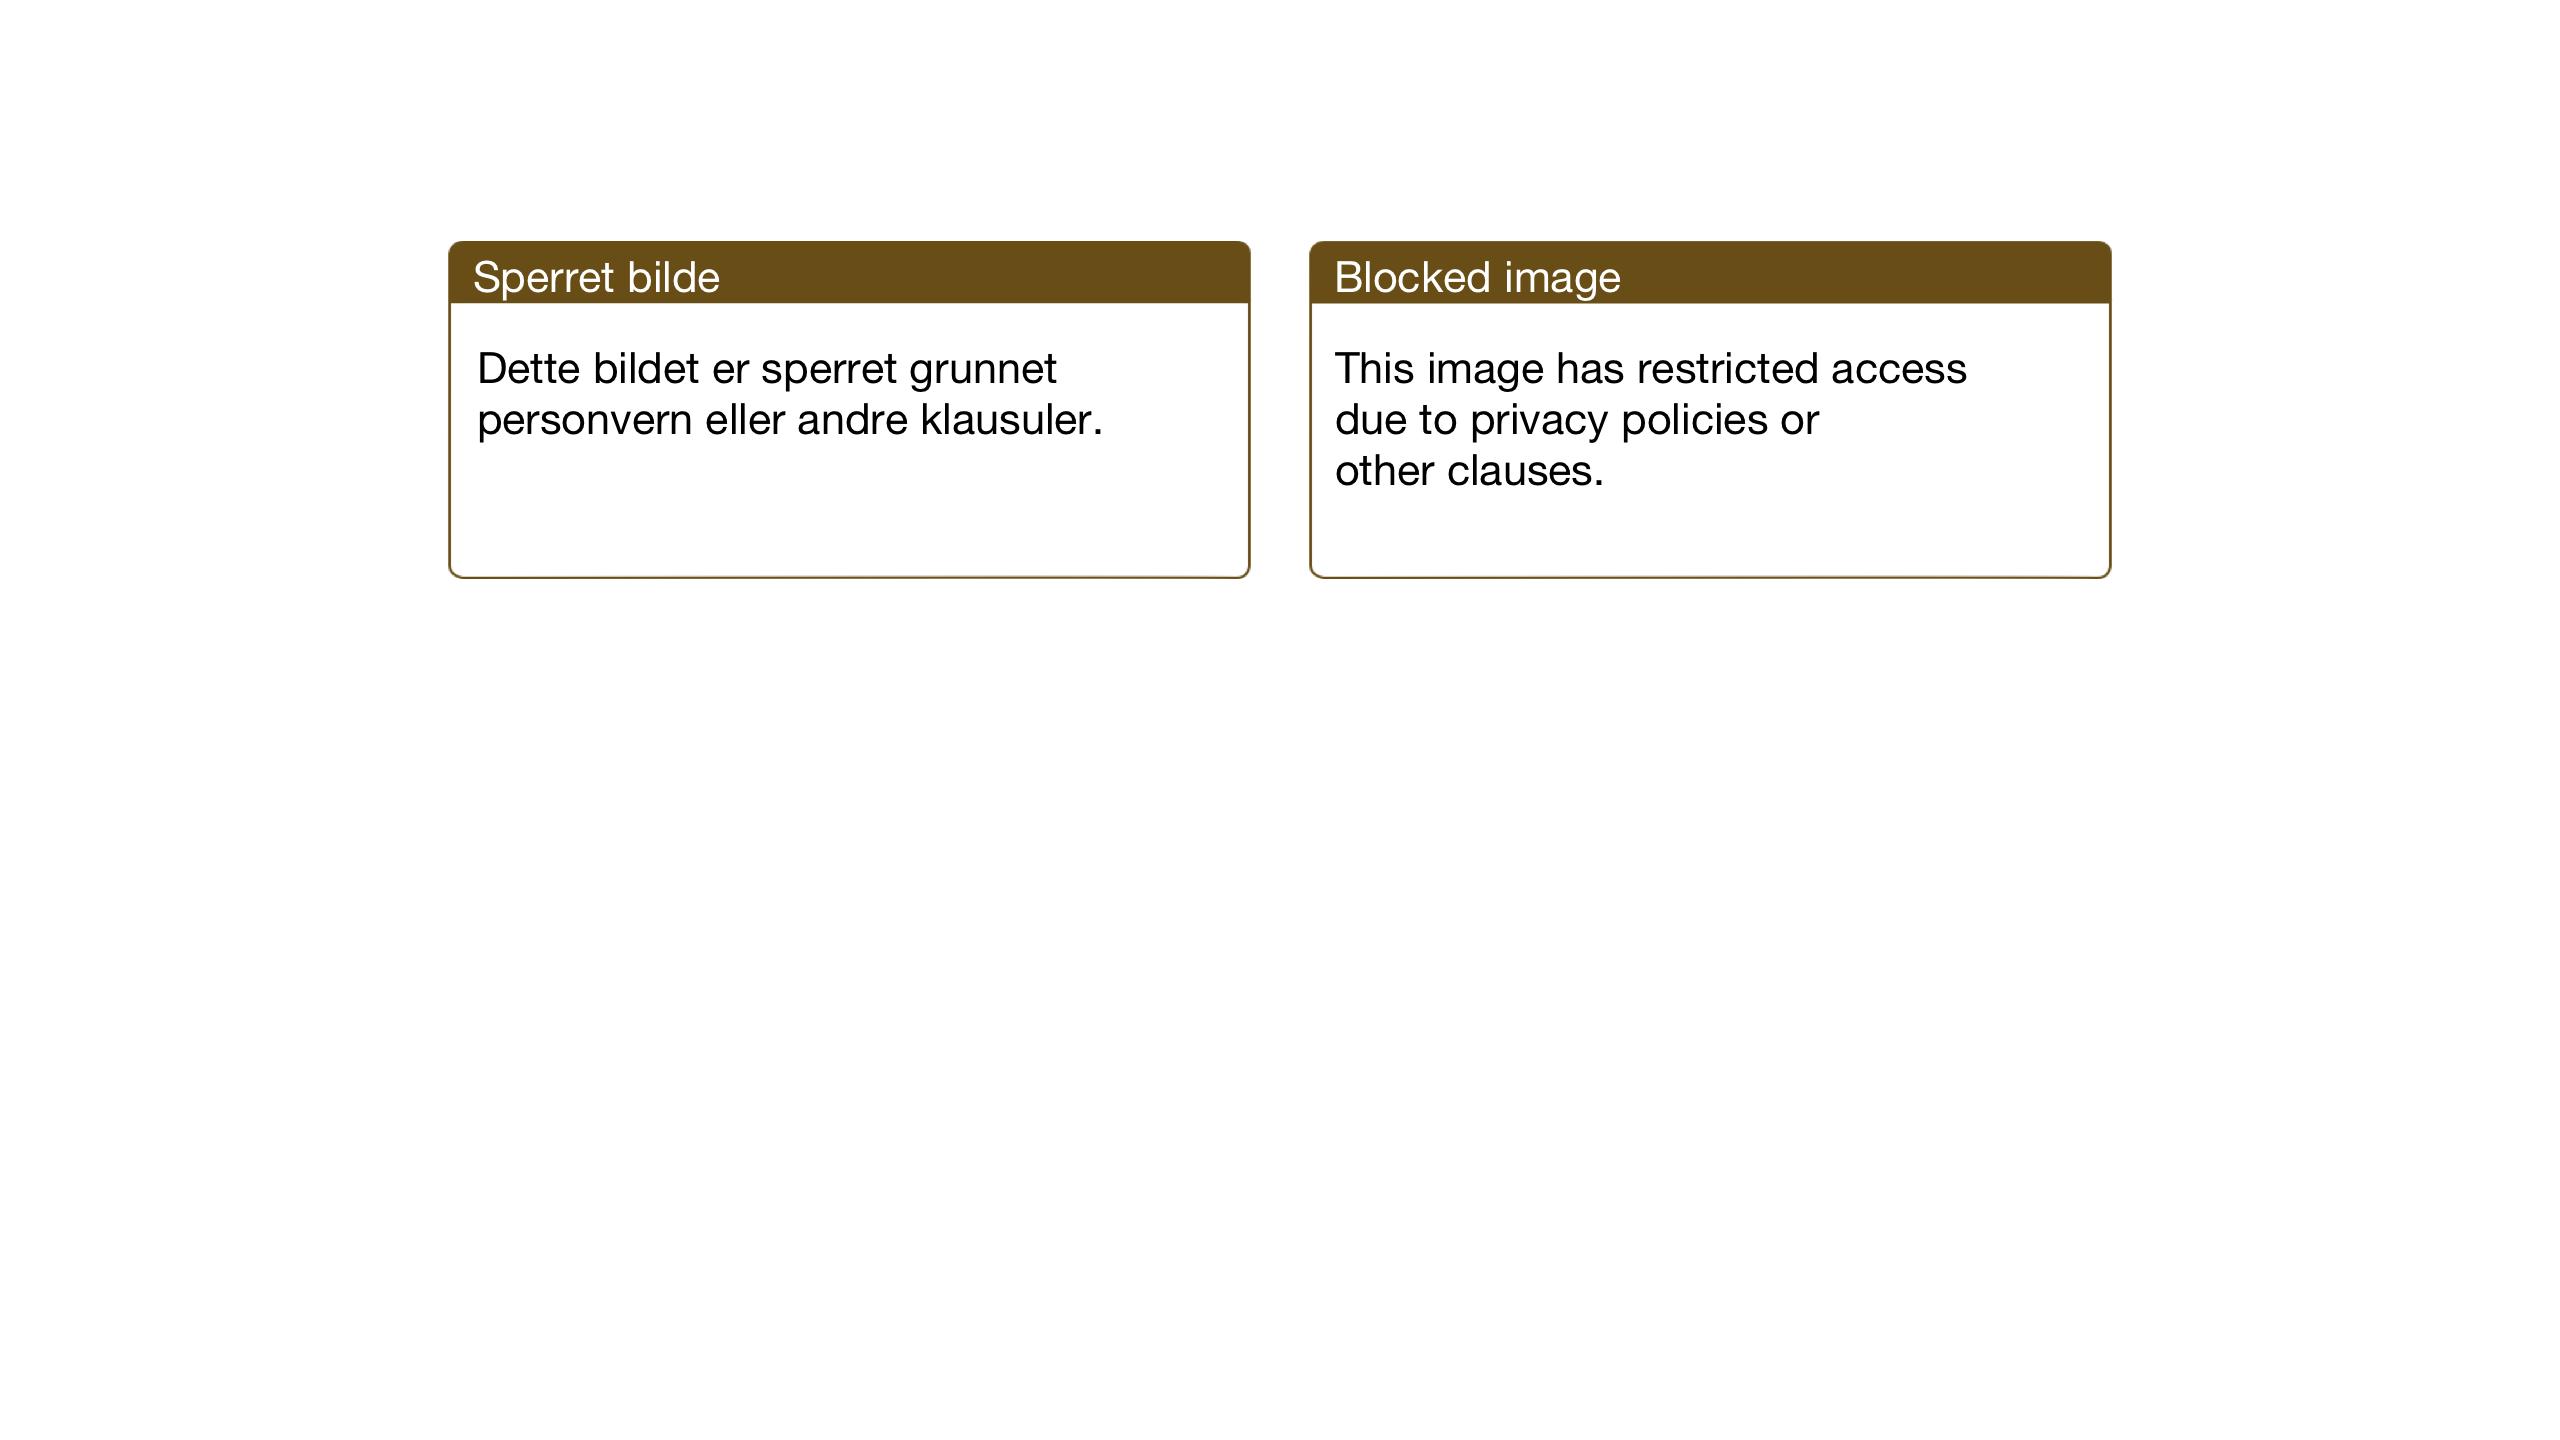 SAT, Ministerialprotokoller, klokkerbøker og fødselsregistre - Sør-Trøndelag, 682/L0947: Klokkerbok nr. 682C01, 1926-1968, s. 40